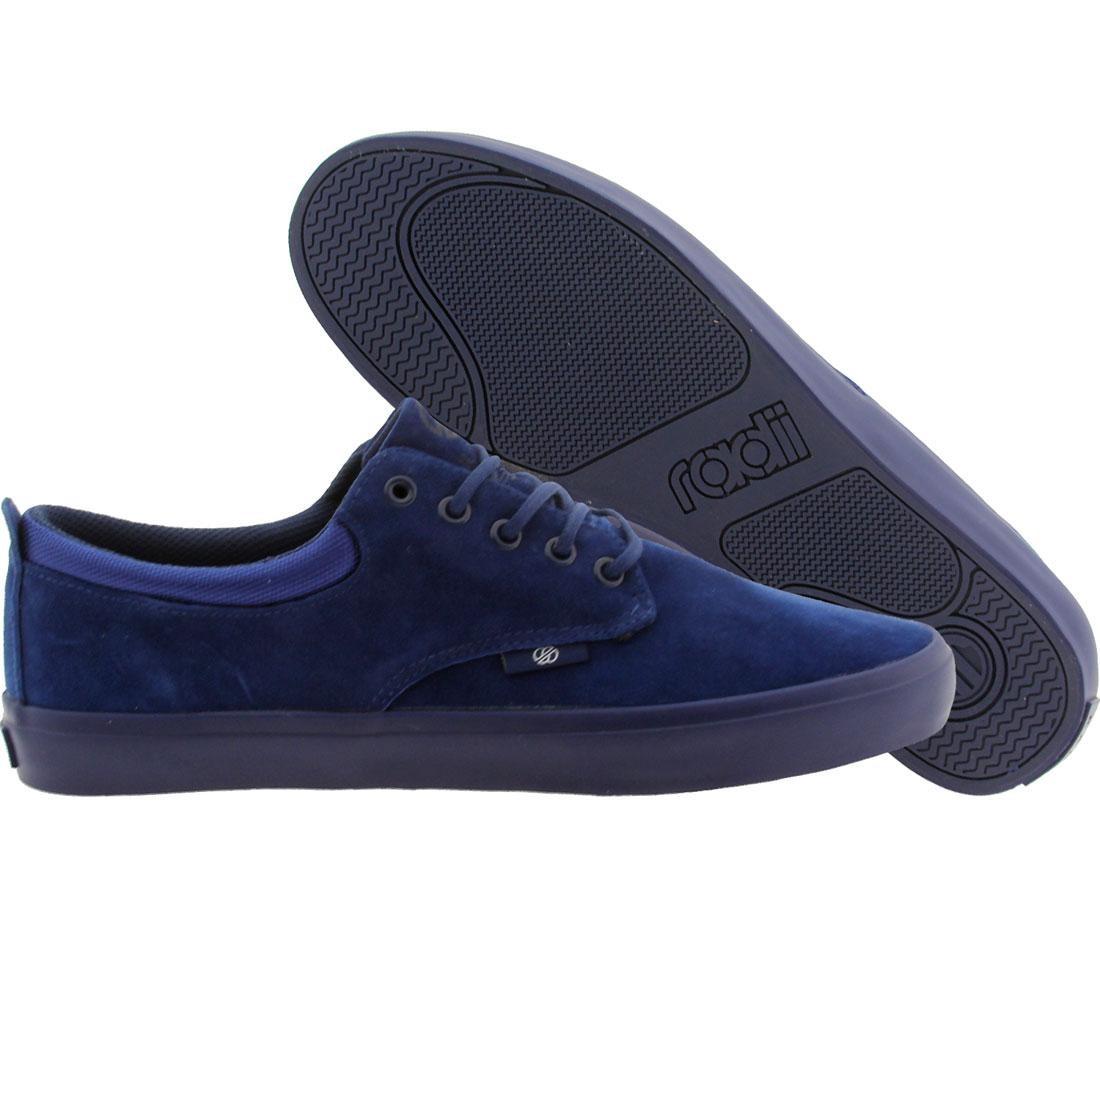 【海外限定】ラディアイ 紺 ネイビー 靴 メンズ靴 【 NAVY RADII MEN THE JAX SUEDE 】